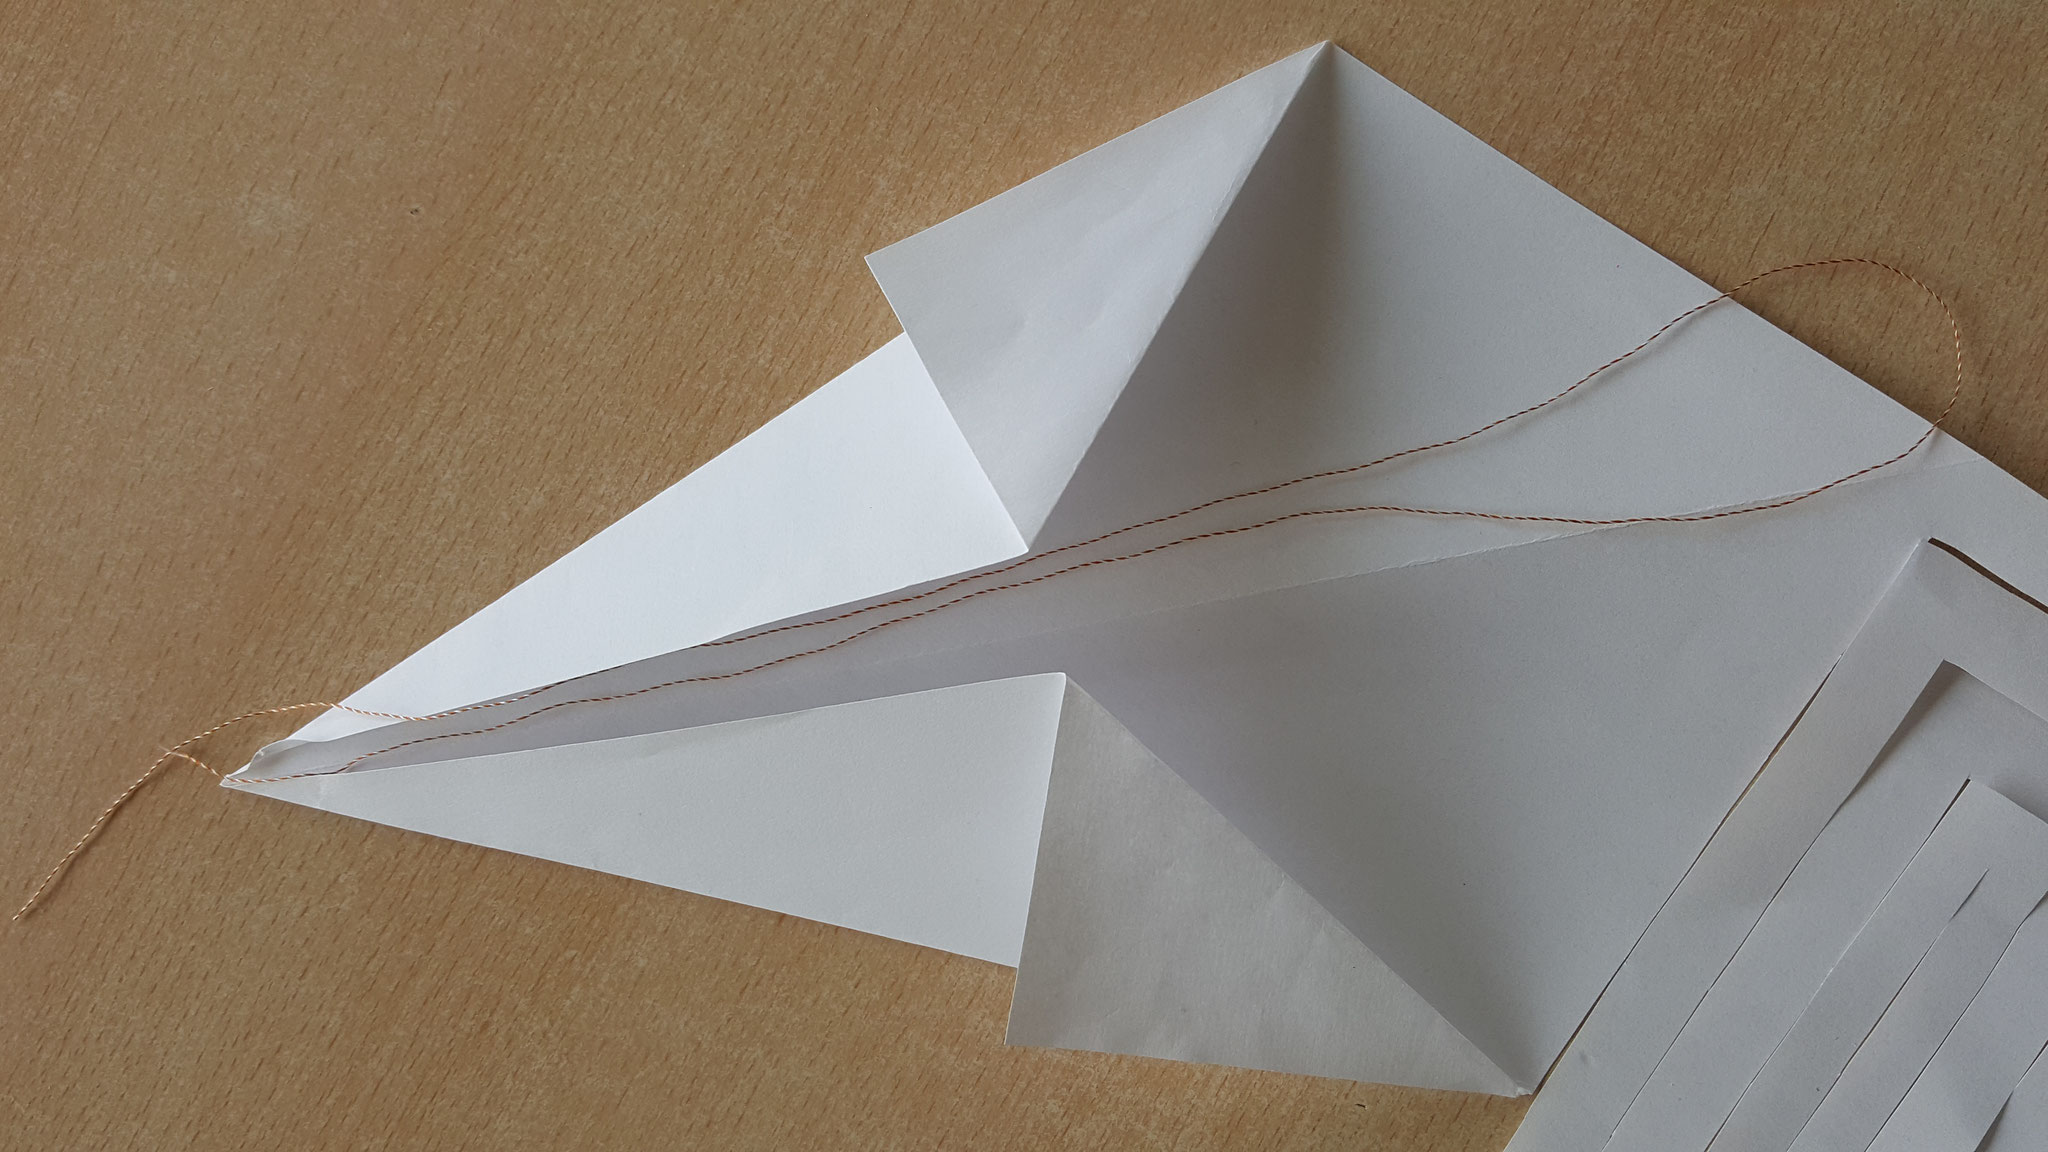 La bride mesure environ 2 fois la longueur du cerf-volant